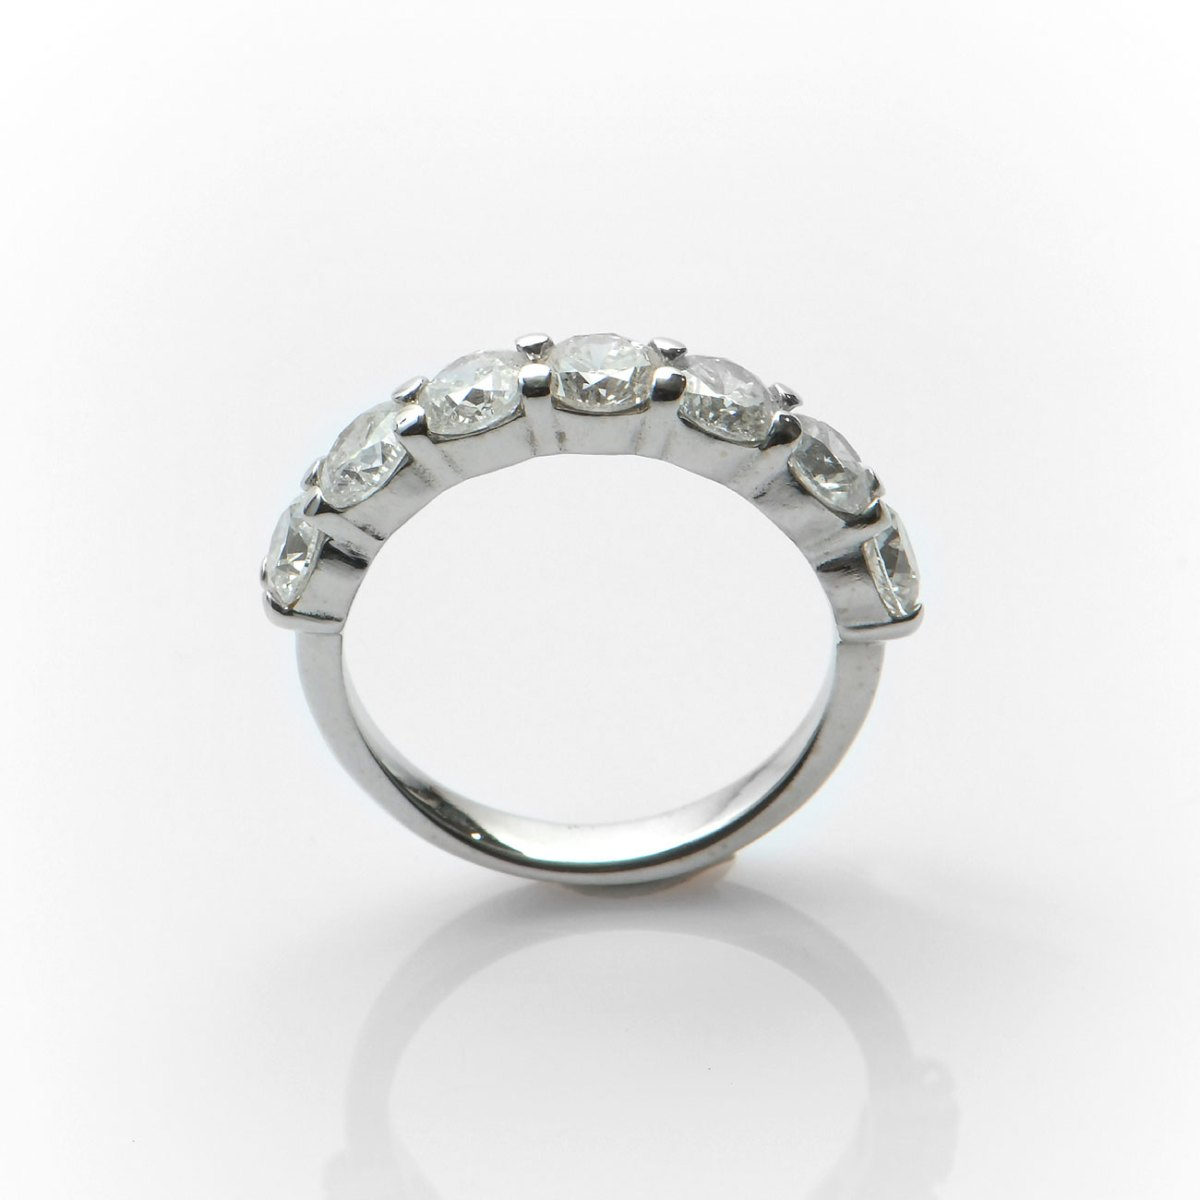 Alliance Sept diamants 2.00ct, or blanc 750‰, taille 51 modifiable, Réf. BA-B18068 | EVENOR Joaillerie • Bijoux neufs • Bijoux Vintage